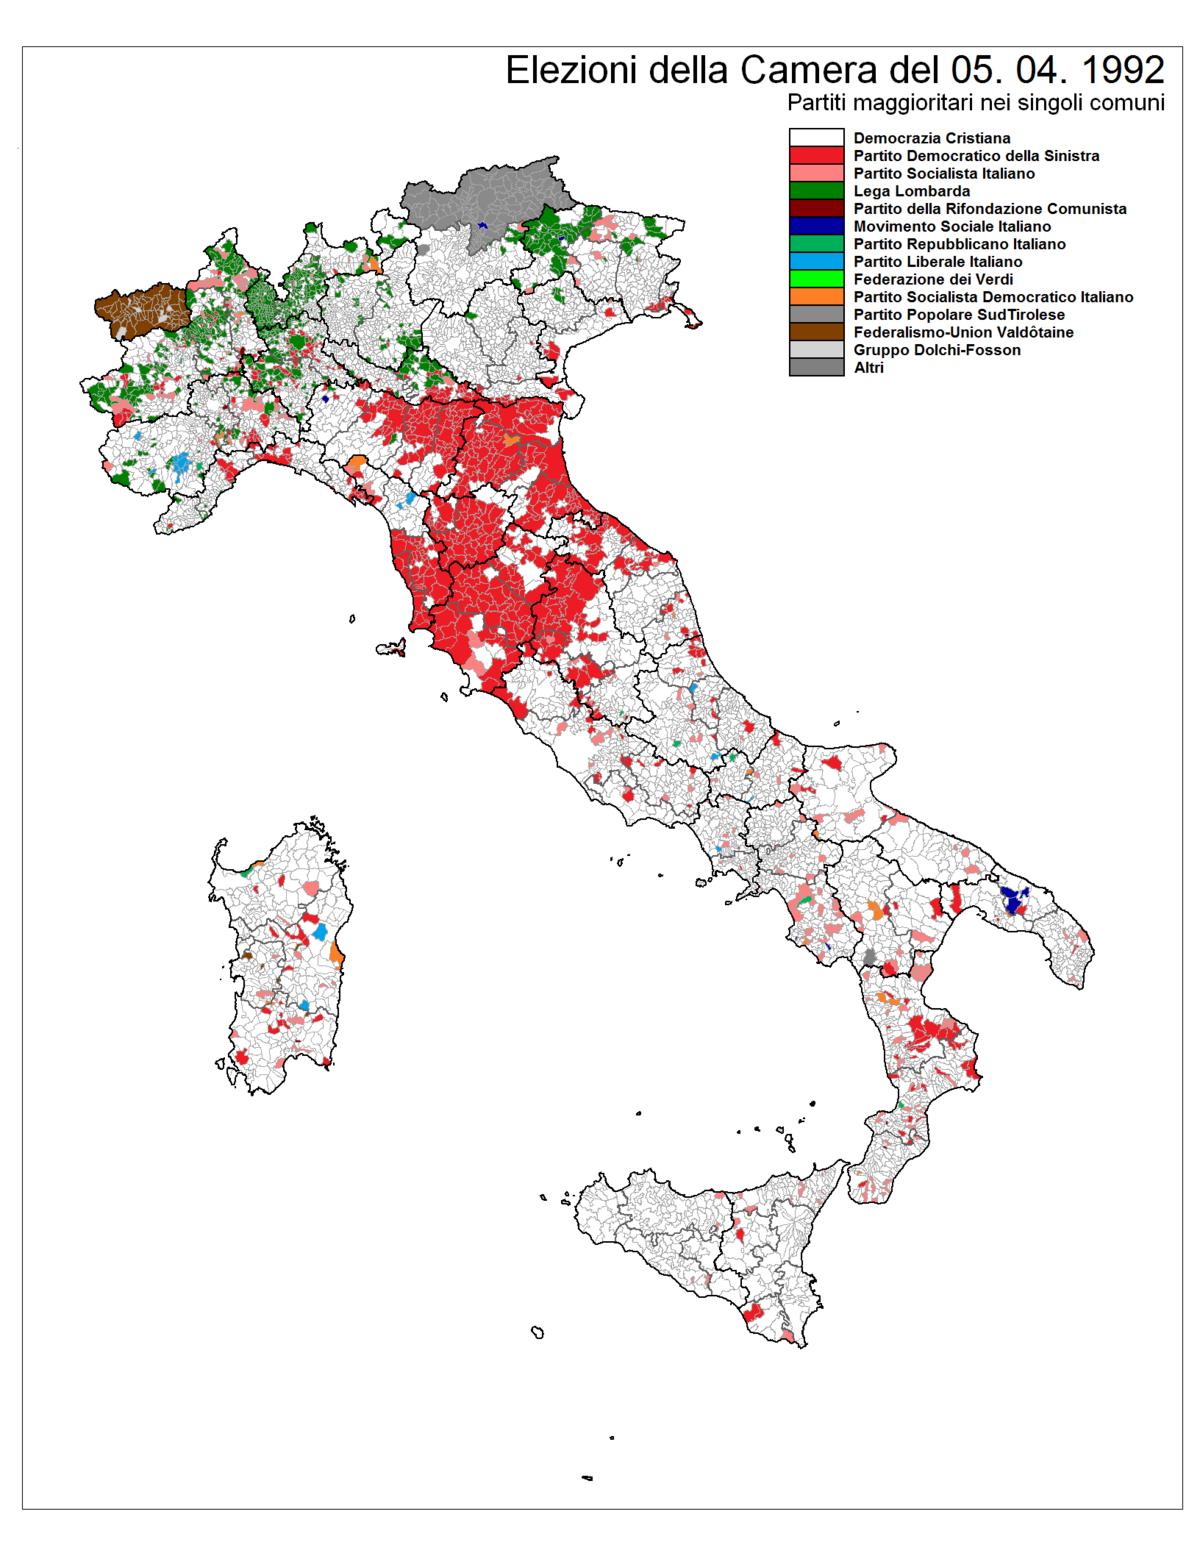 Elezioni politiche italiane del 1992 wikipedia for Seggi parlamento italiano